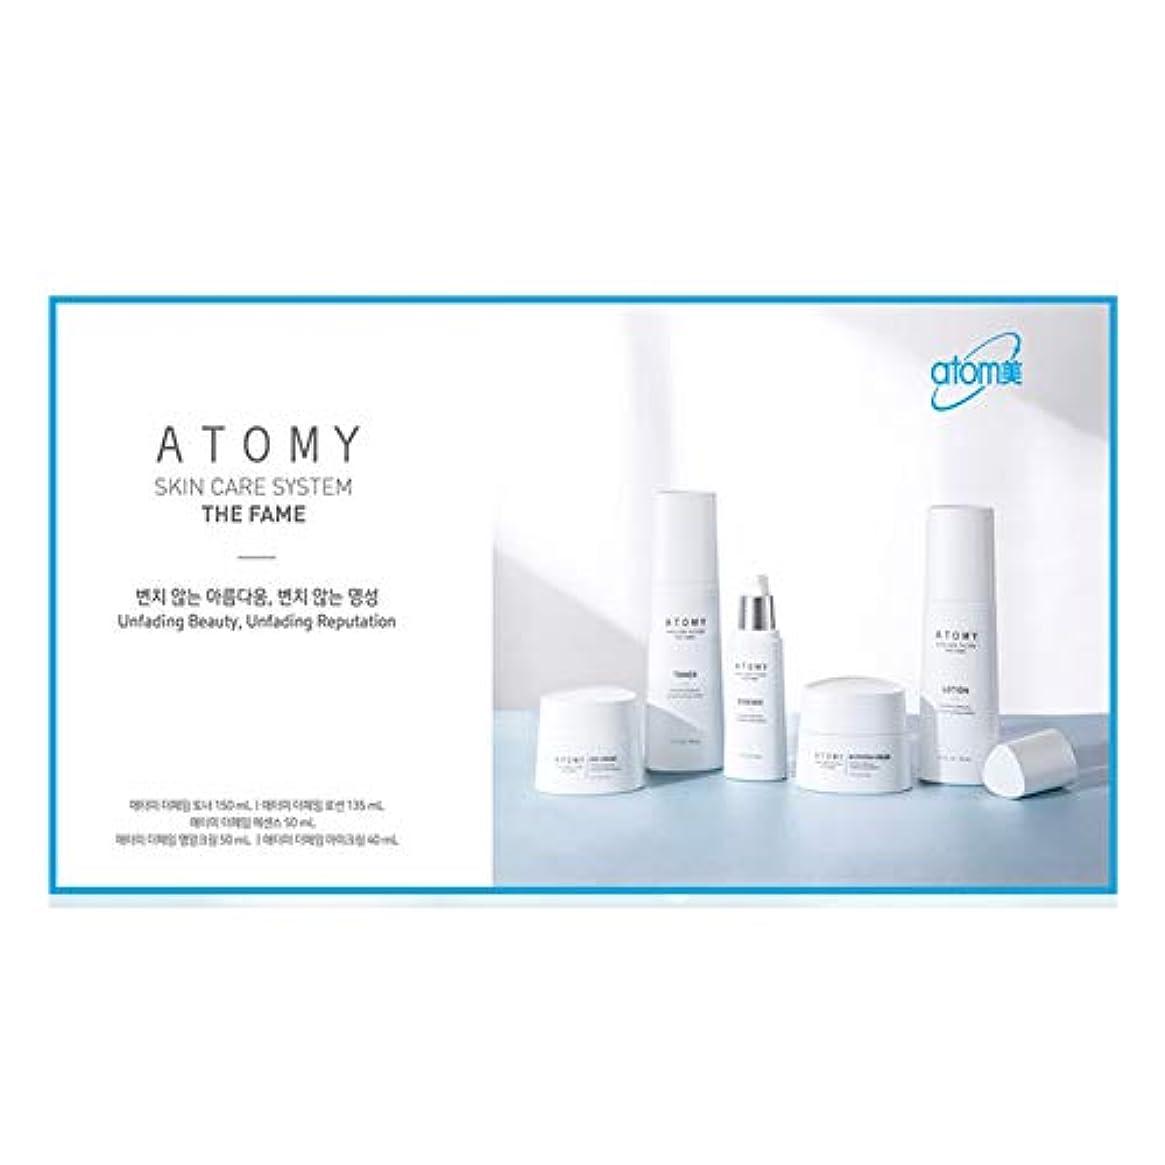 教会政令食物アトミザ?フェームエッセンス50ml韓国コスメ、Atomy The Fame Essence 50ml Korean Cosmetics [並行輸入品]